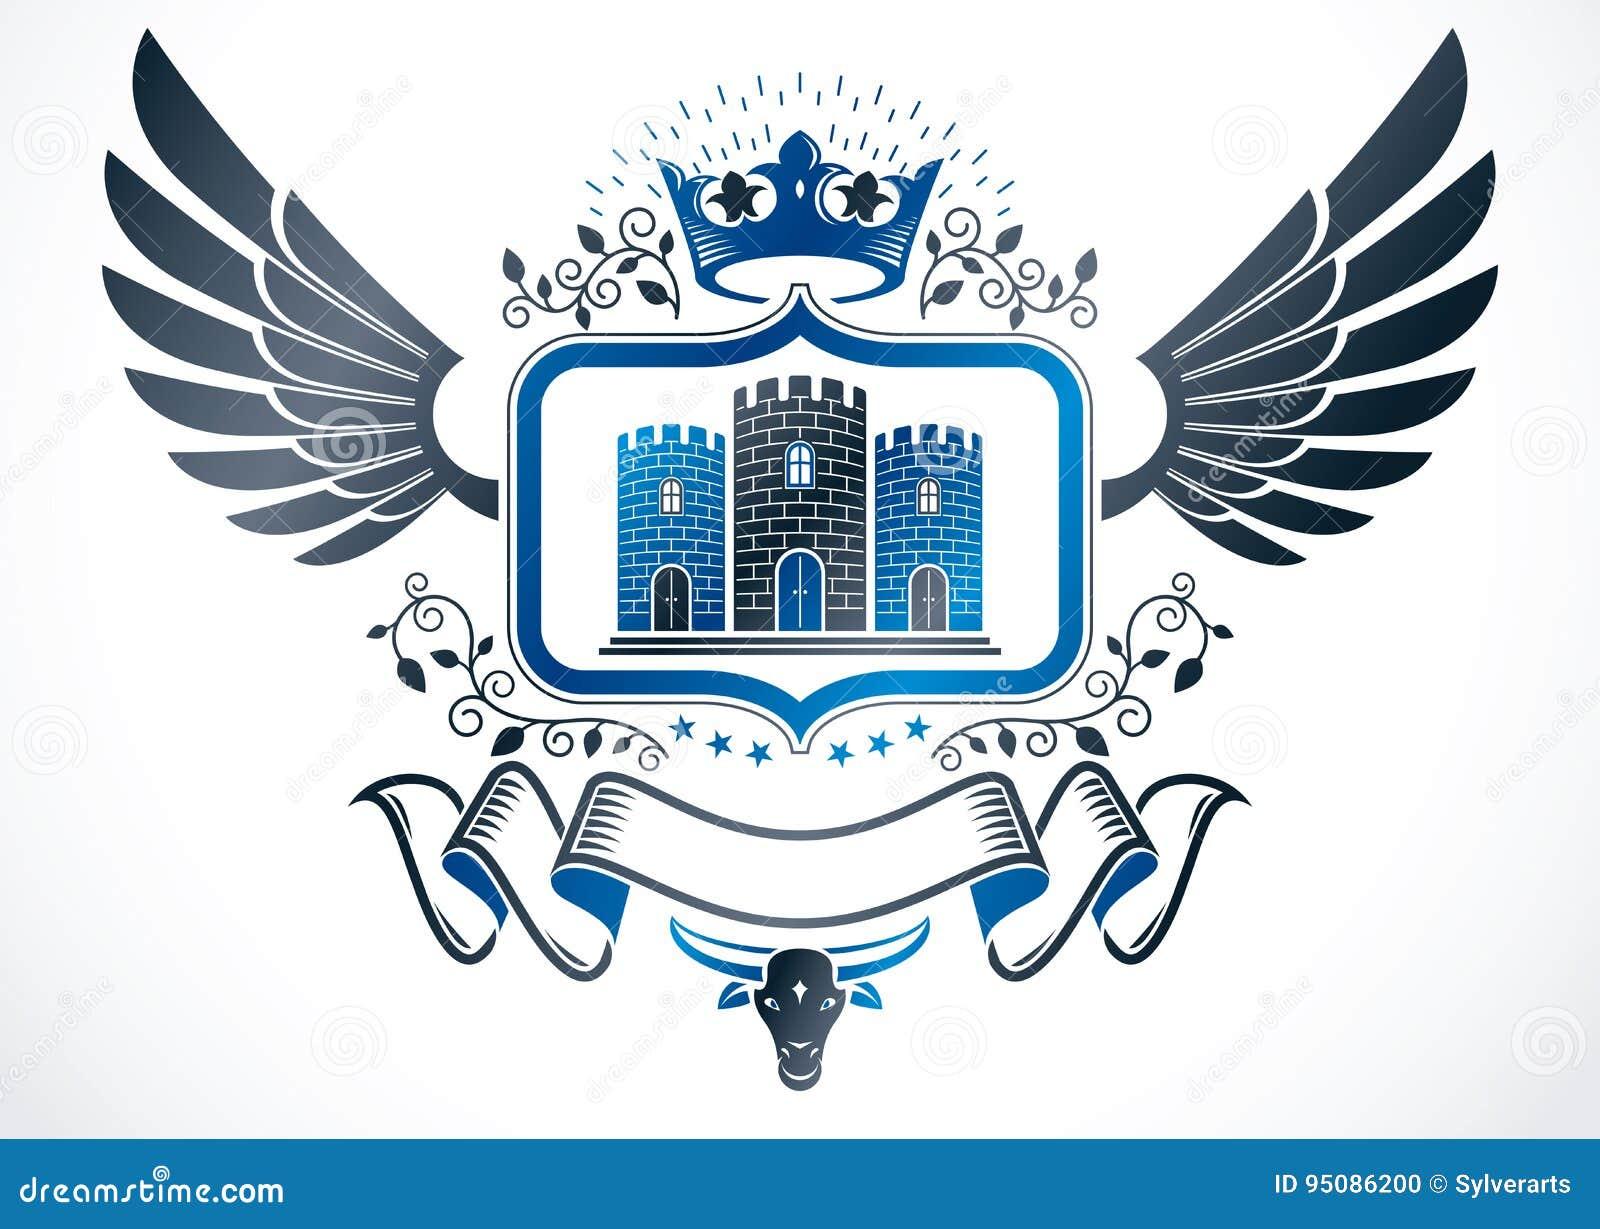 Emblème à ailes par vintage créé dans la conception héraldique de vecteur et les élém.